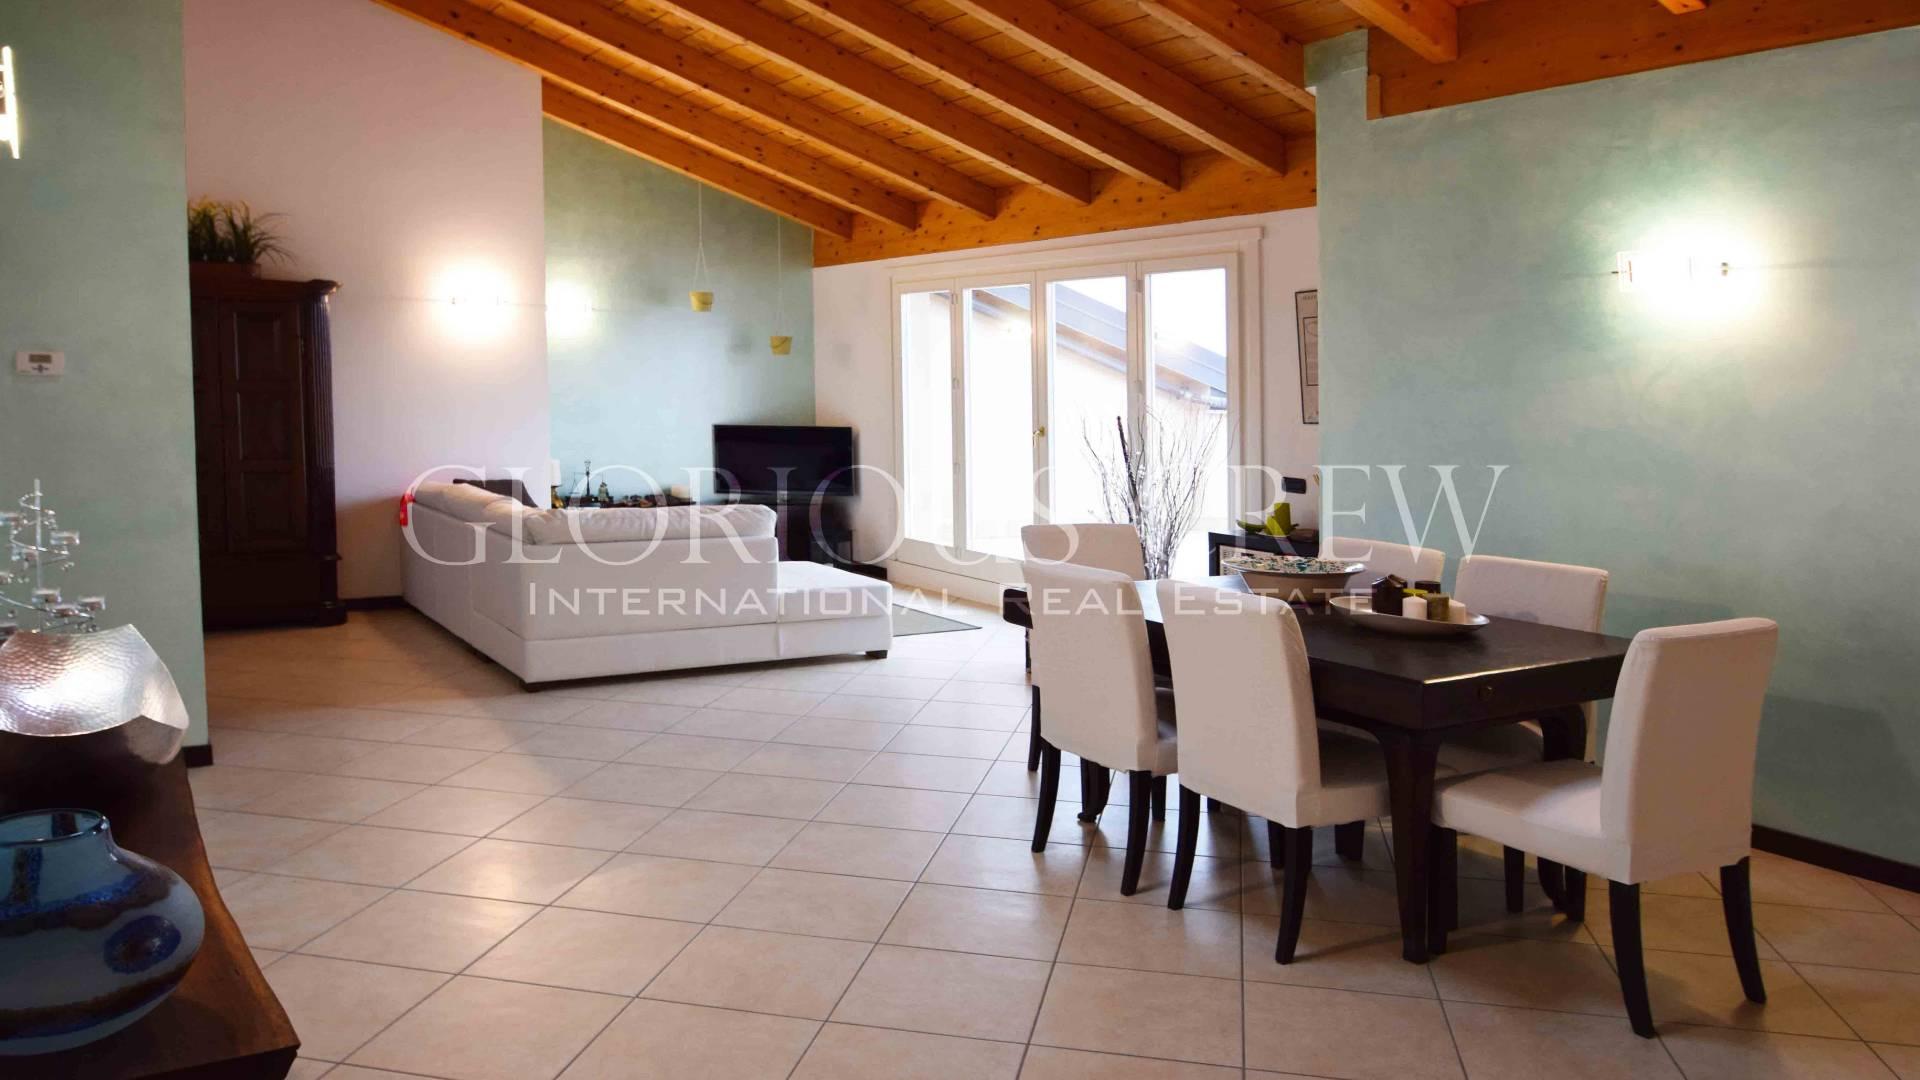 Appartamento in Vendita a San Fermo Della Battaglia: 4 locali, 134 mq